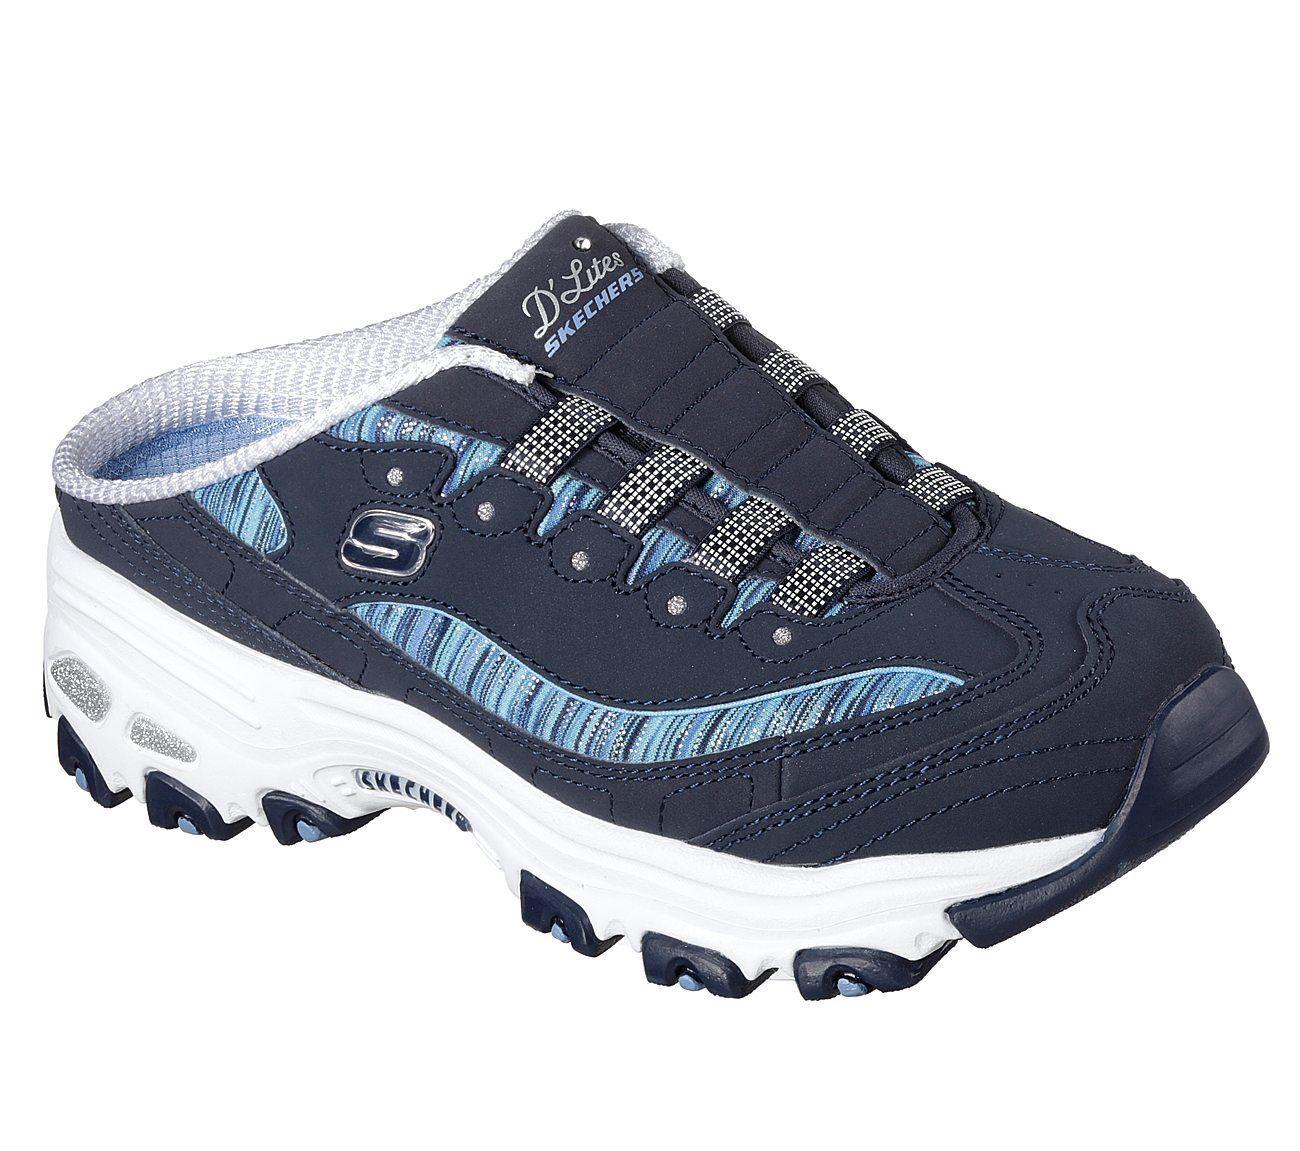 Los últimos zapatos de descuento para hombres y mujeres Nuevo señora Skechers Slipper d 'Lites-Spark interest azul